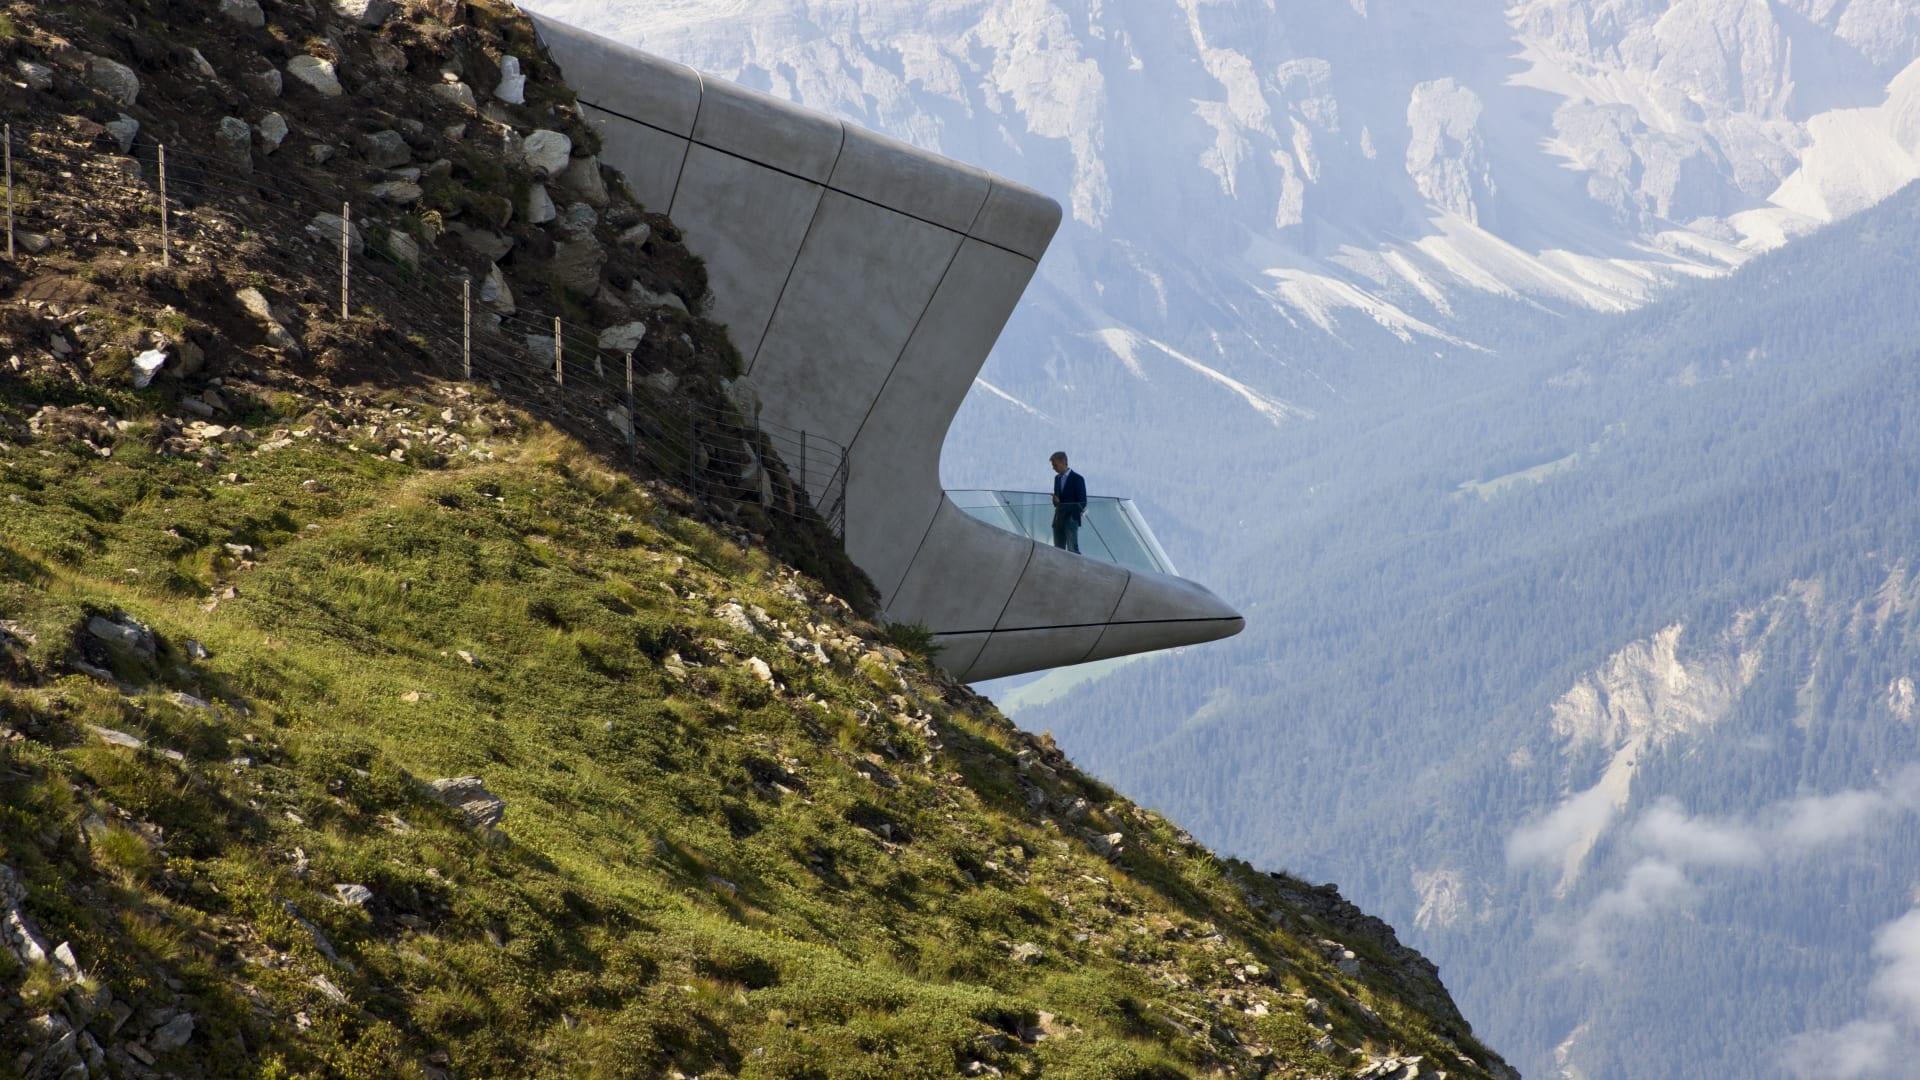 تحف معمارية على ارتفاعات شاهقة..هل تجرؤ على زيارتها؟